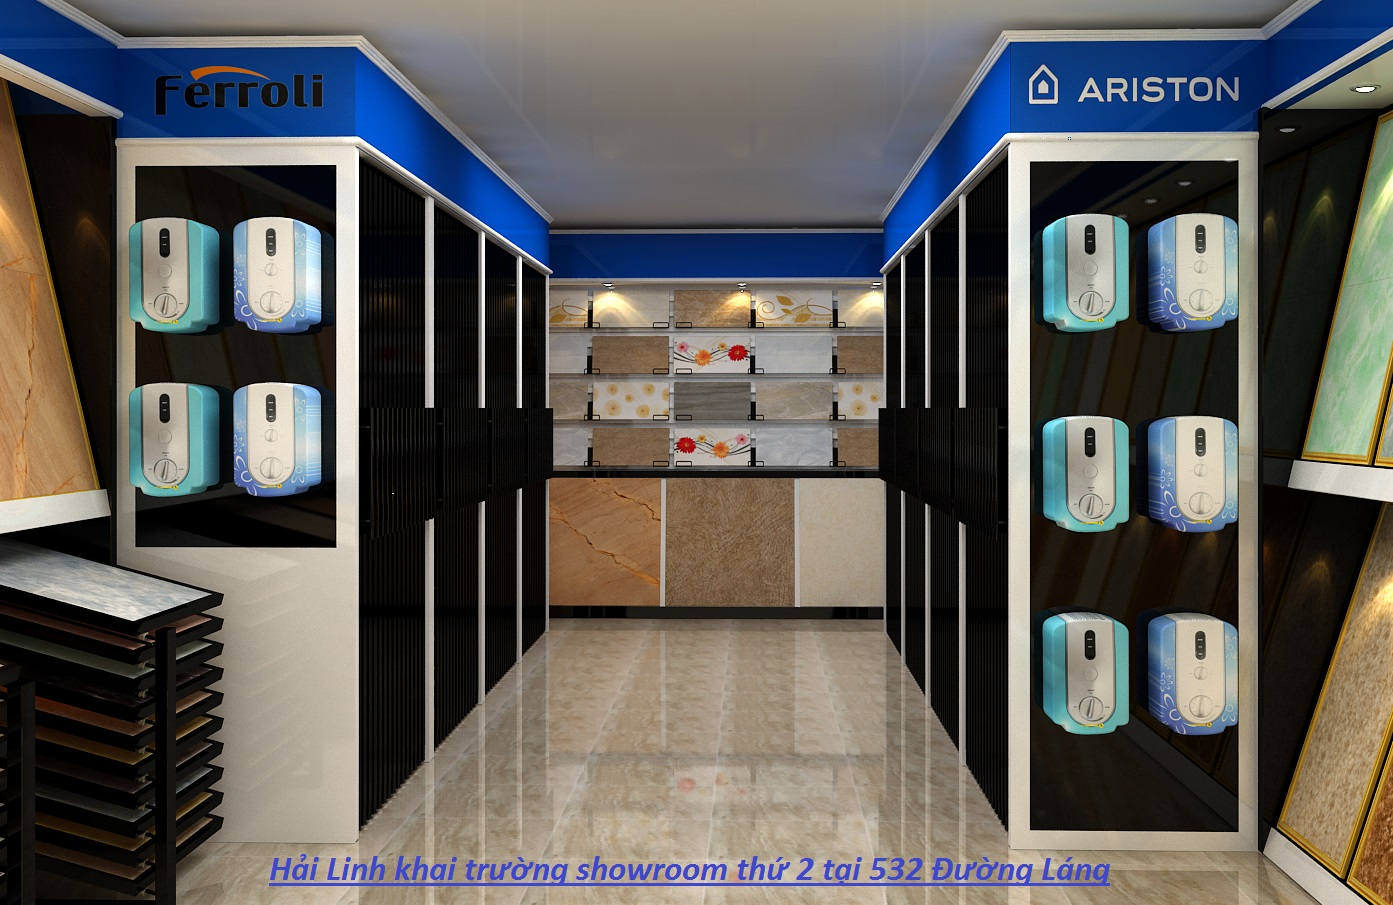 Showroom Hải Linh địa chỉ uy tín cho người tiêu dùng lựa chọn bình nóng lạnh Ariston